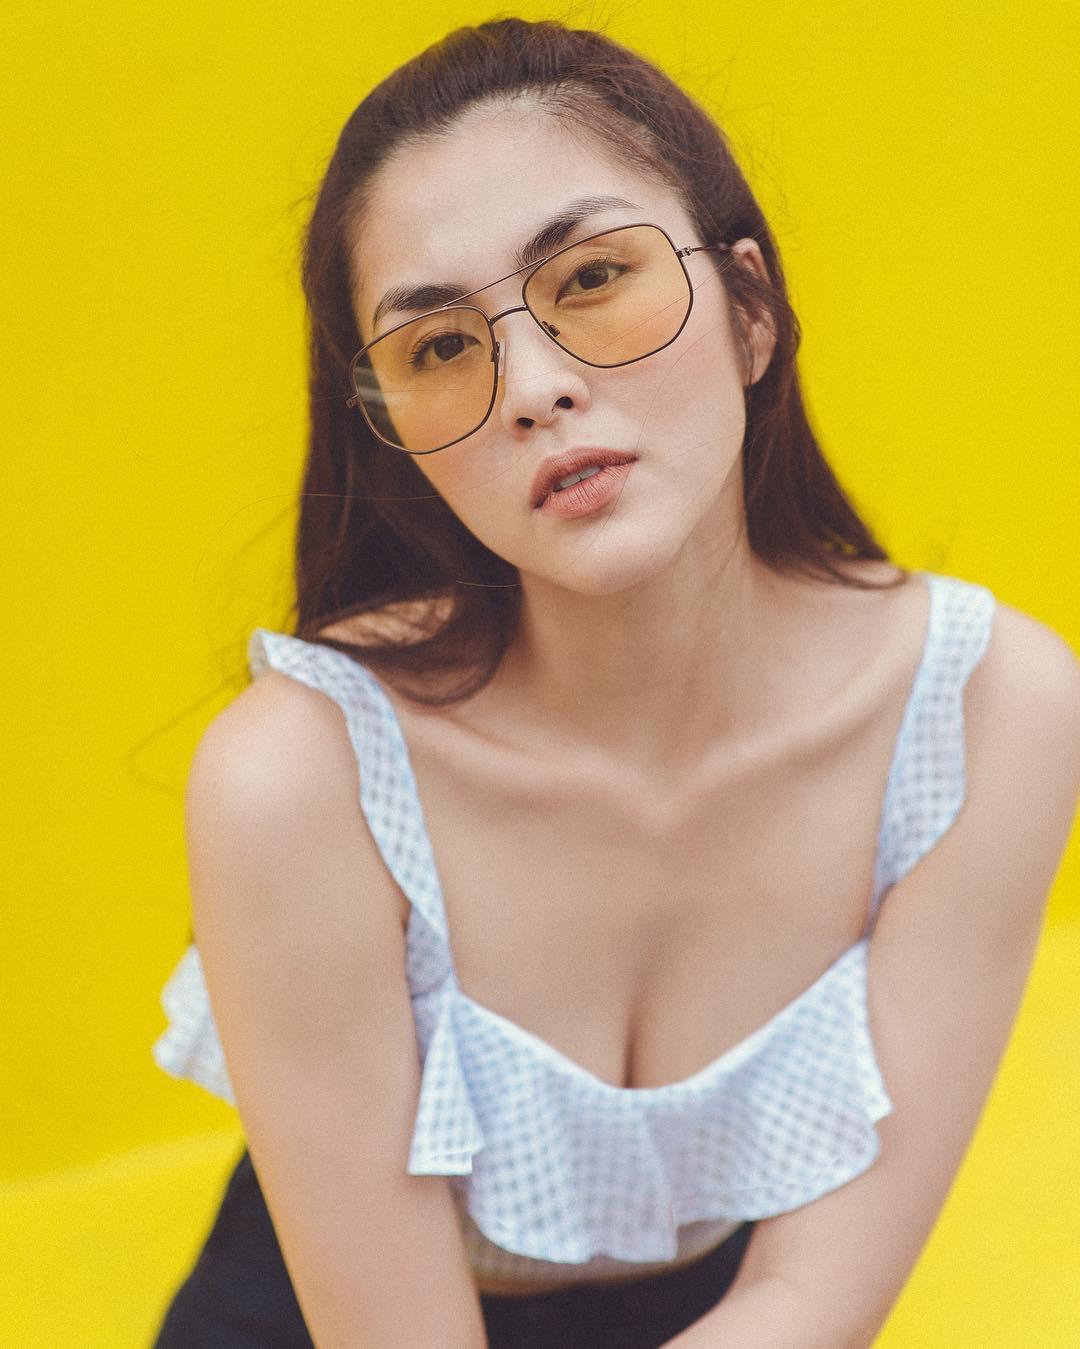 """Nhờ điểm trời cho này trên gương mặt, Hà Tăng dễ dàng chinh phục mọi mẫu kính mắt dù chúng kỳ cục"""" đến cỡ nào-8"""